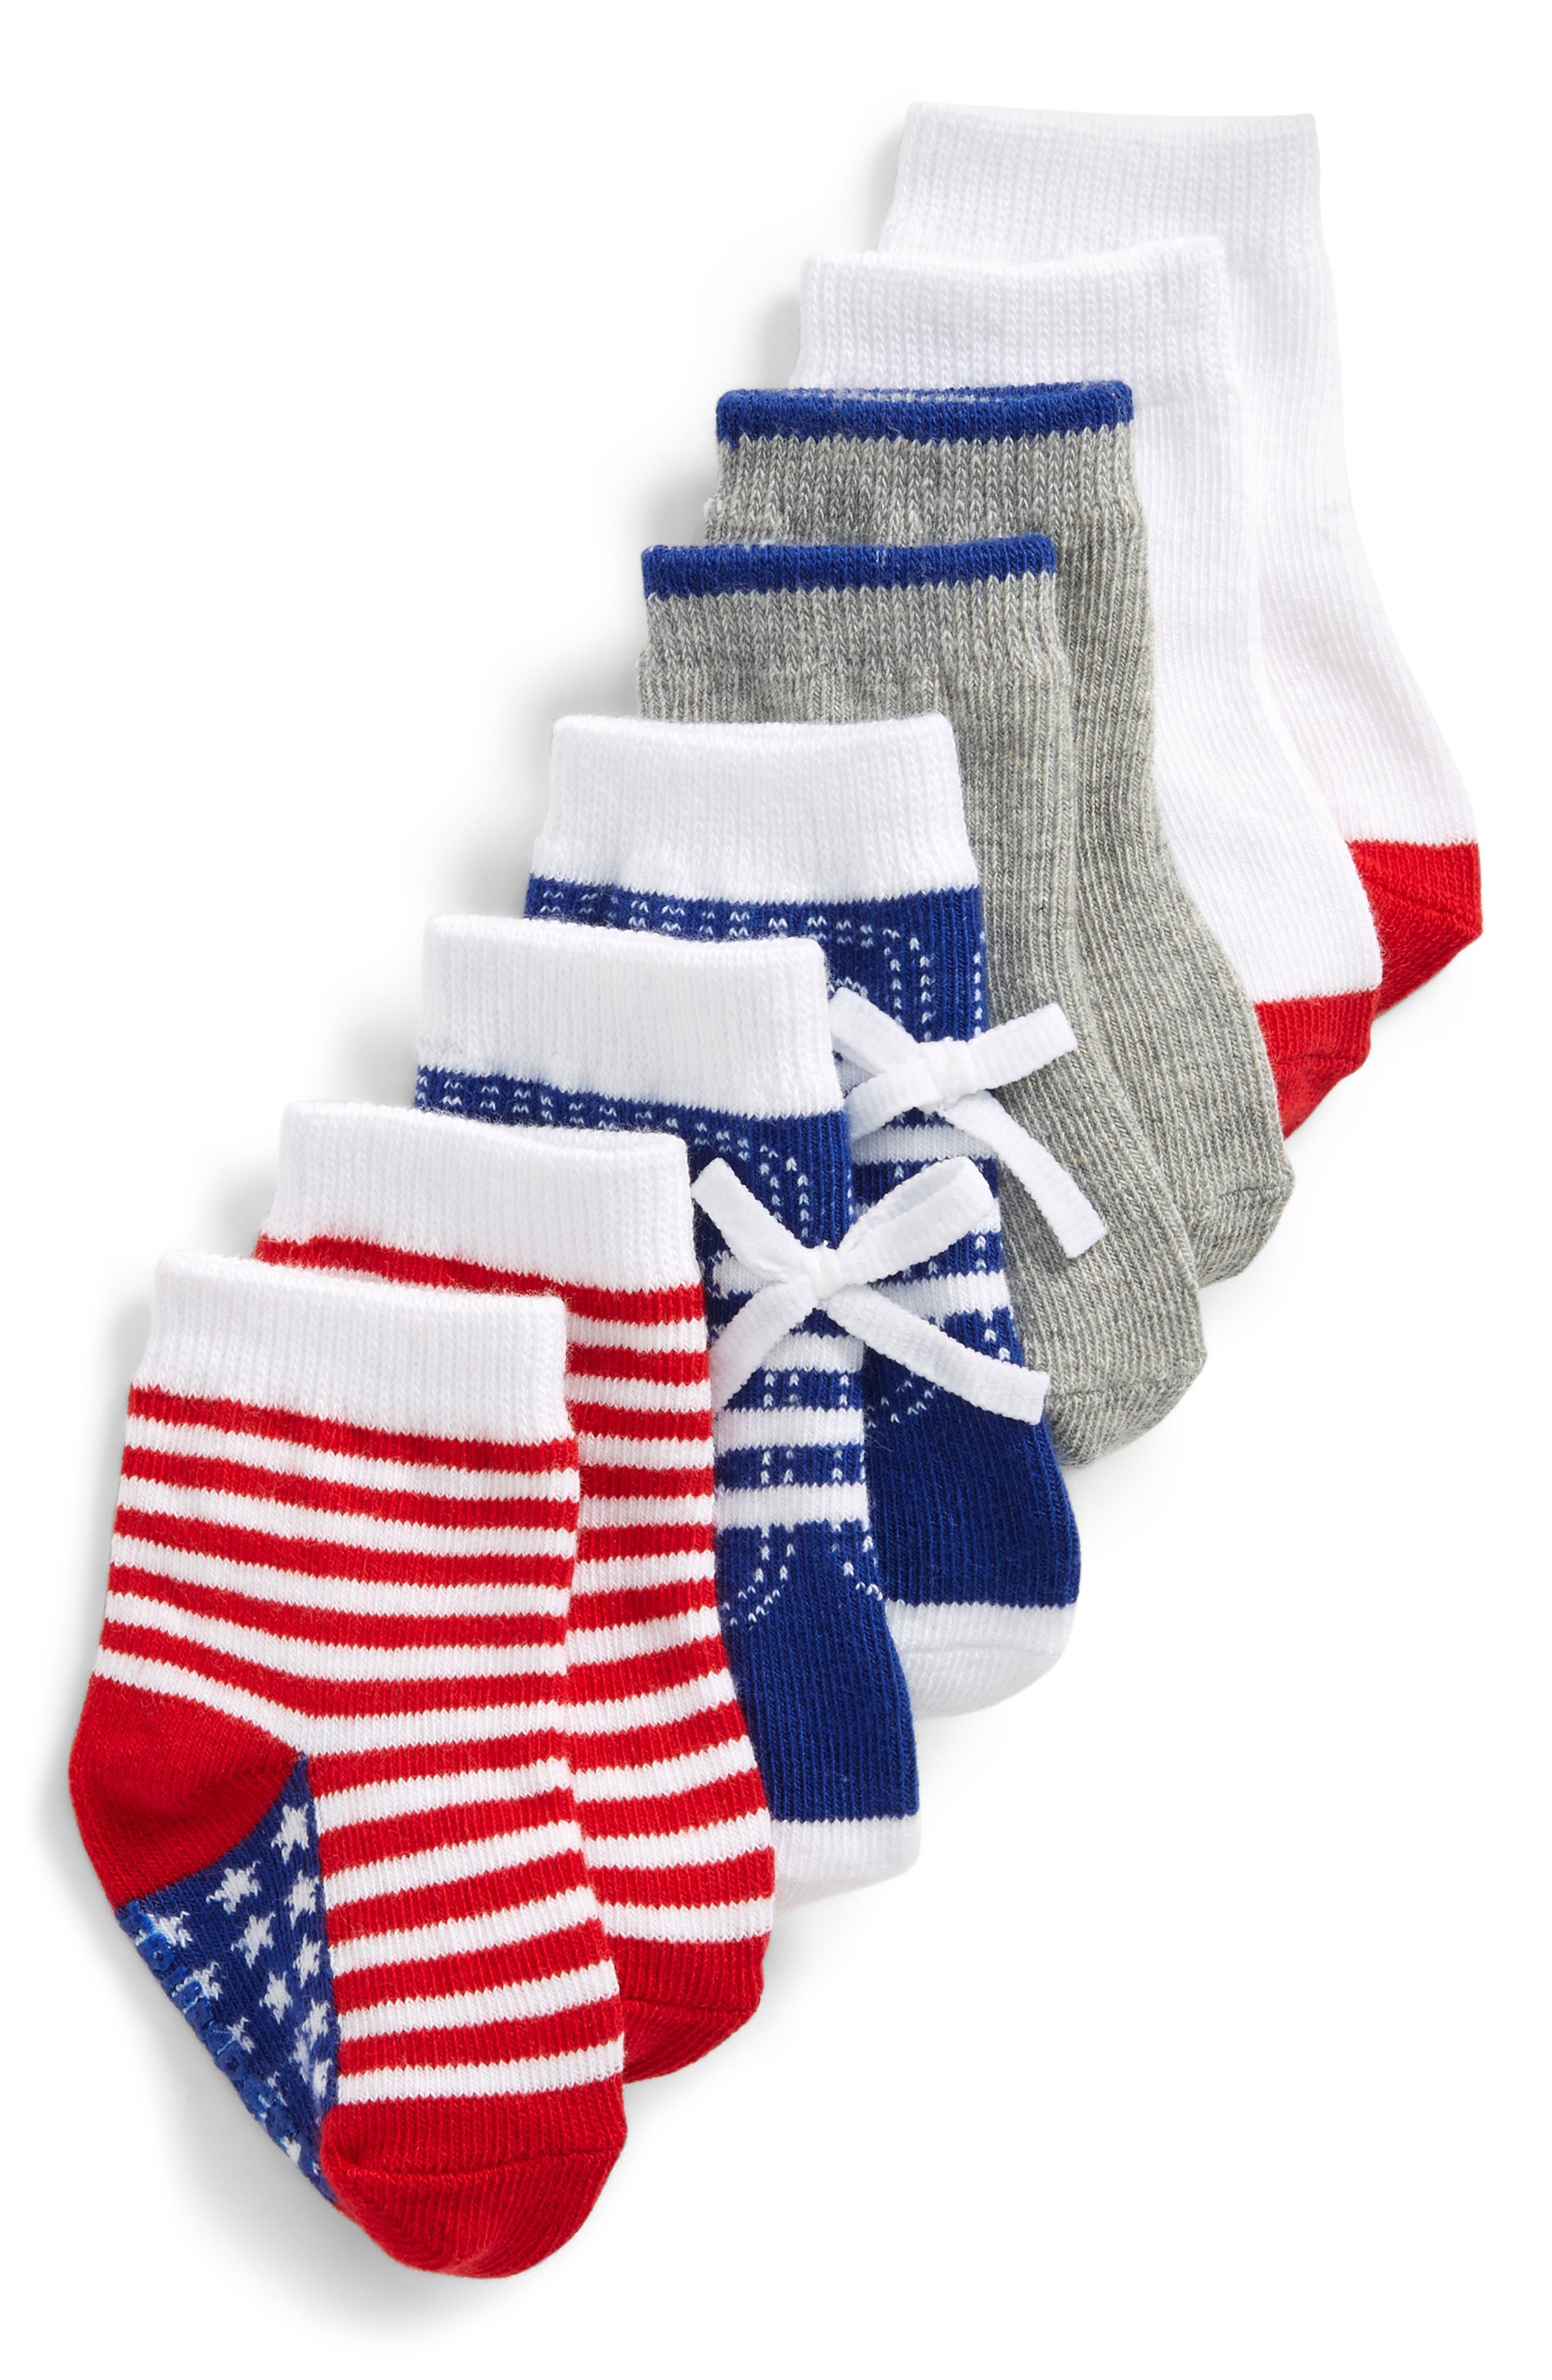 Lincoln 4-Pack Socks,                             Alternate thumbnail 2, color,                             400